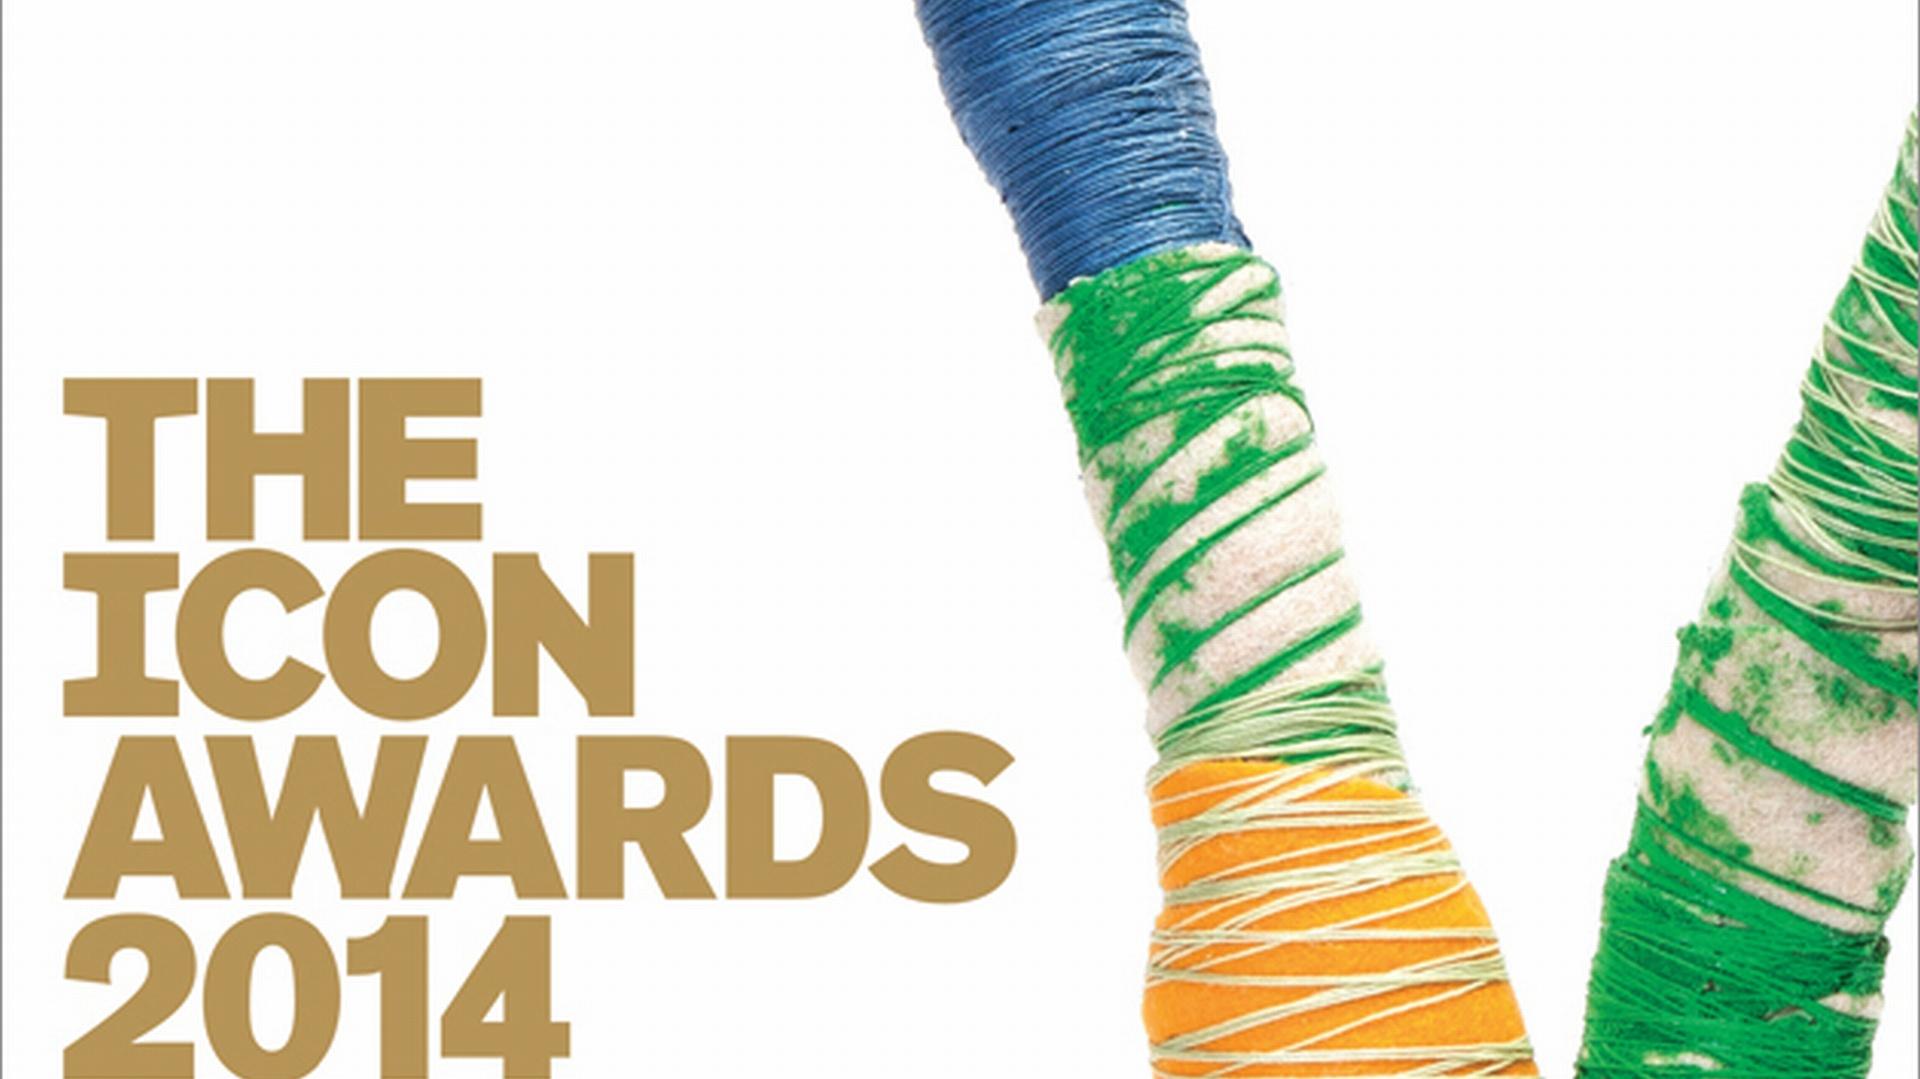 awards_3_new.jpg